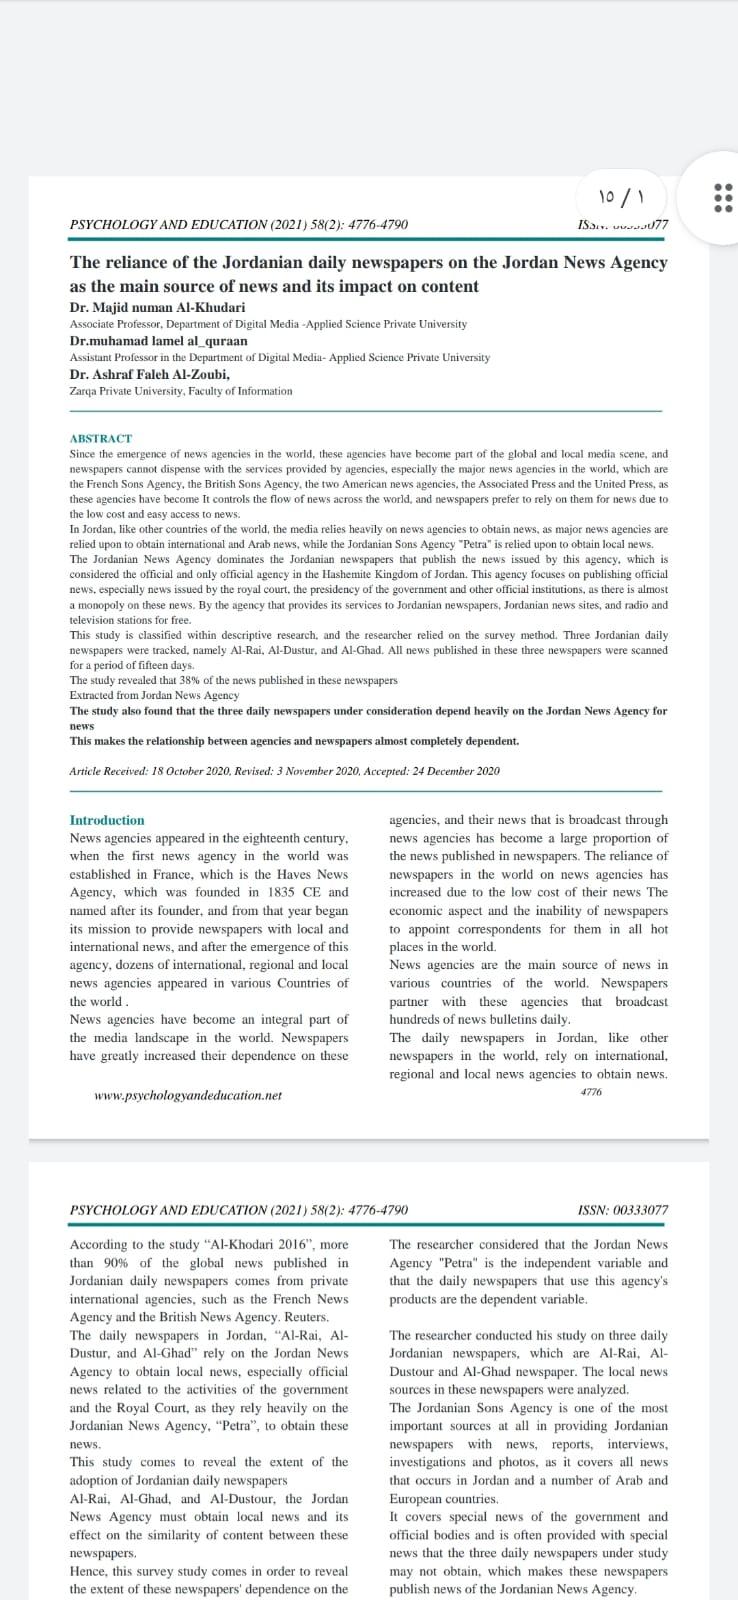 دراسة تؤكد اعتماد الصحف الأردنية على بترا و وكالات أجنبية في الحصول على الأخبار